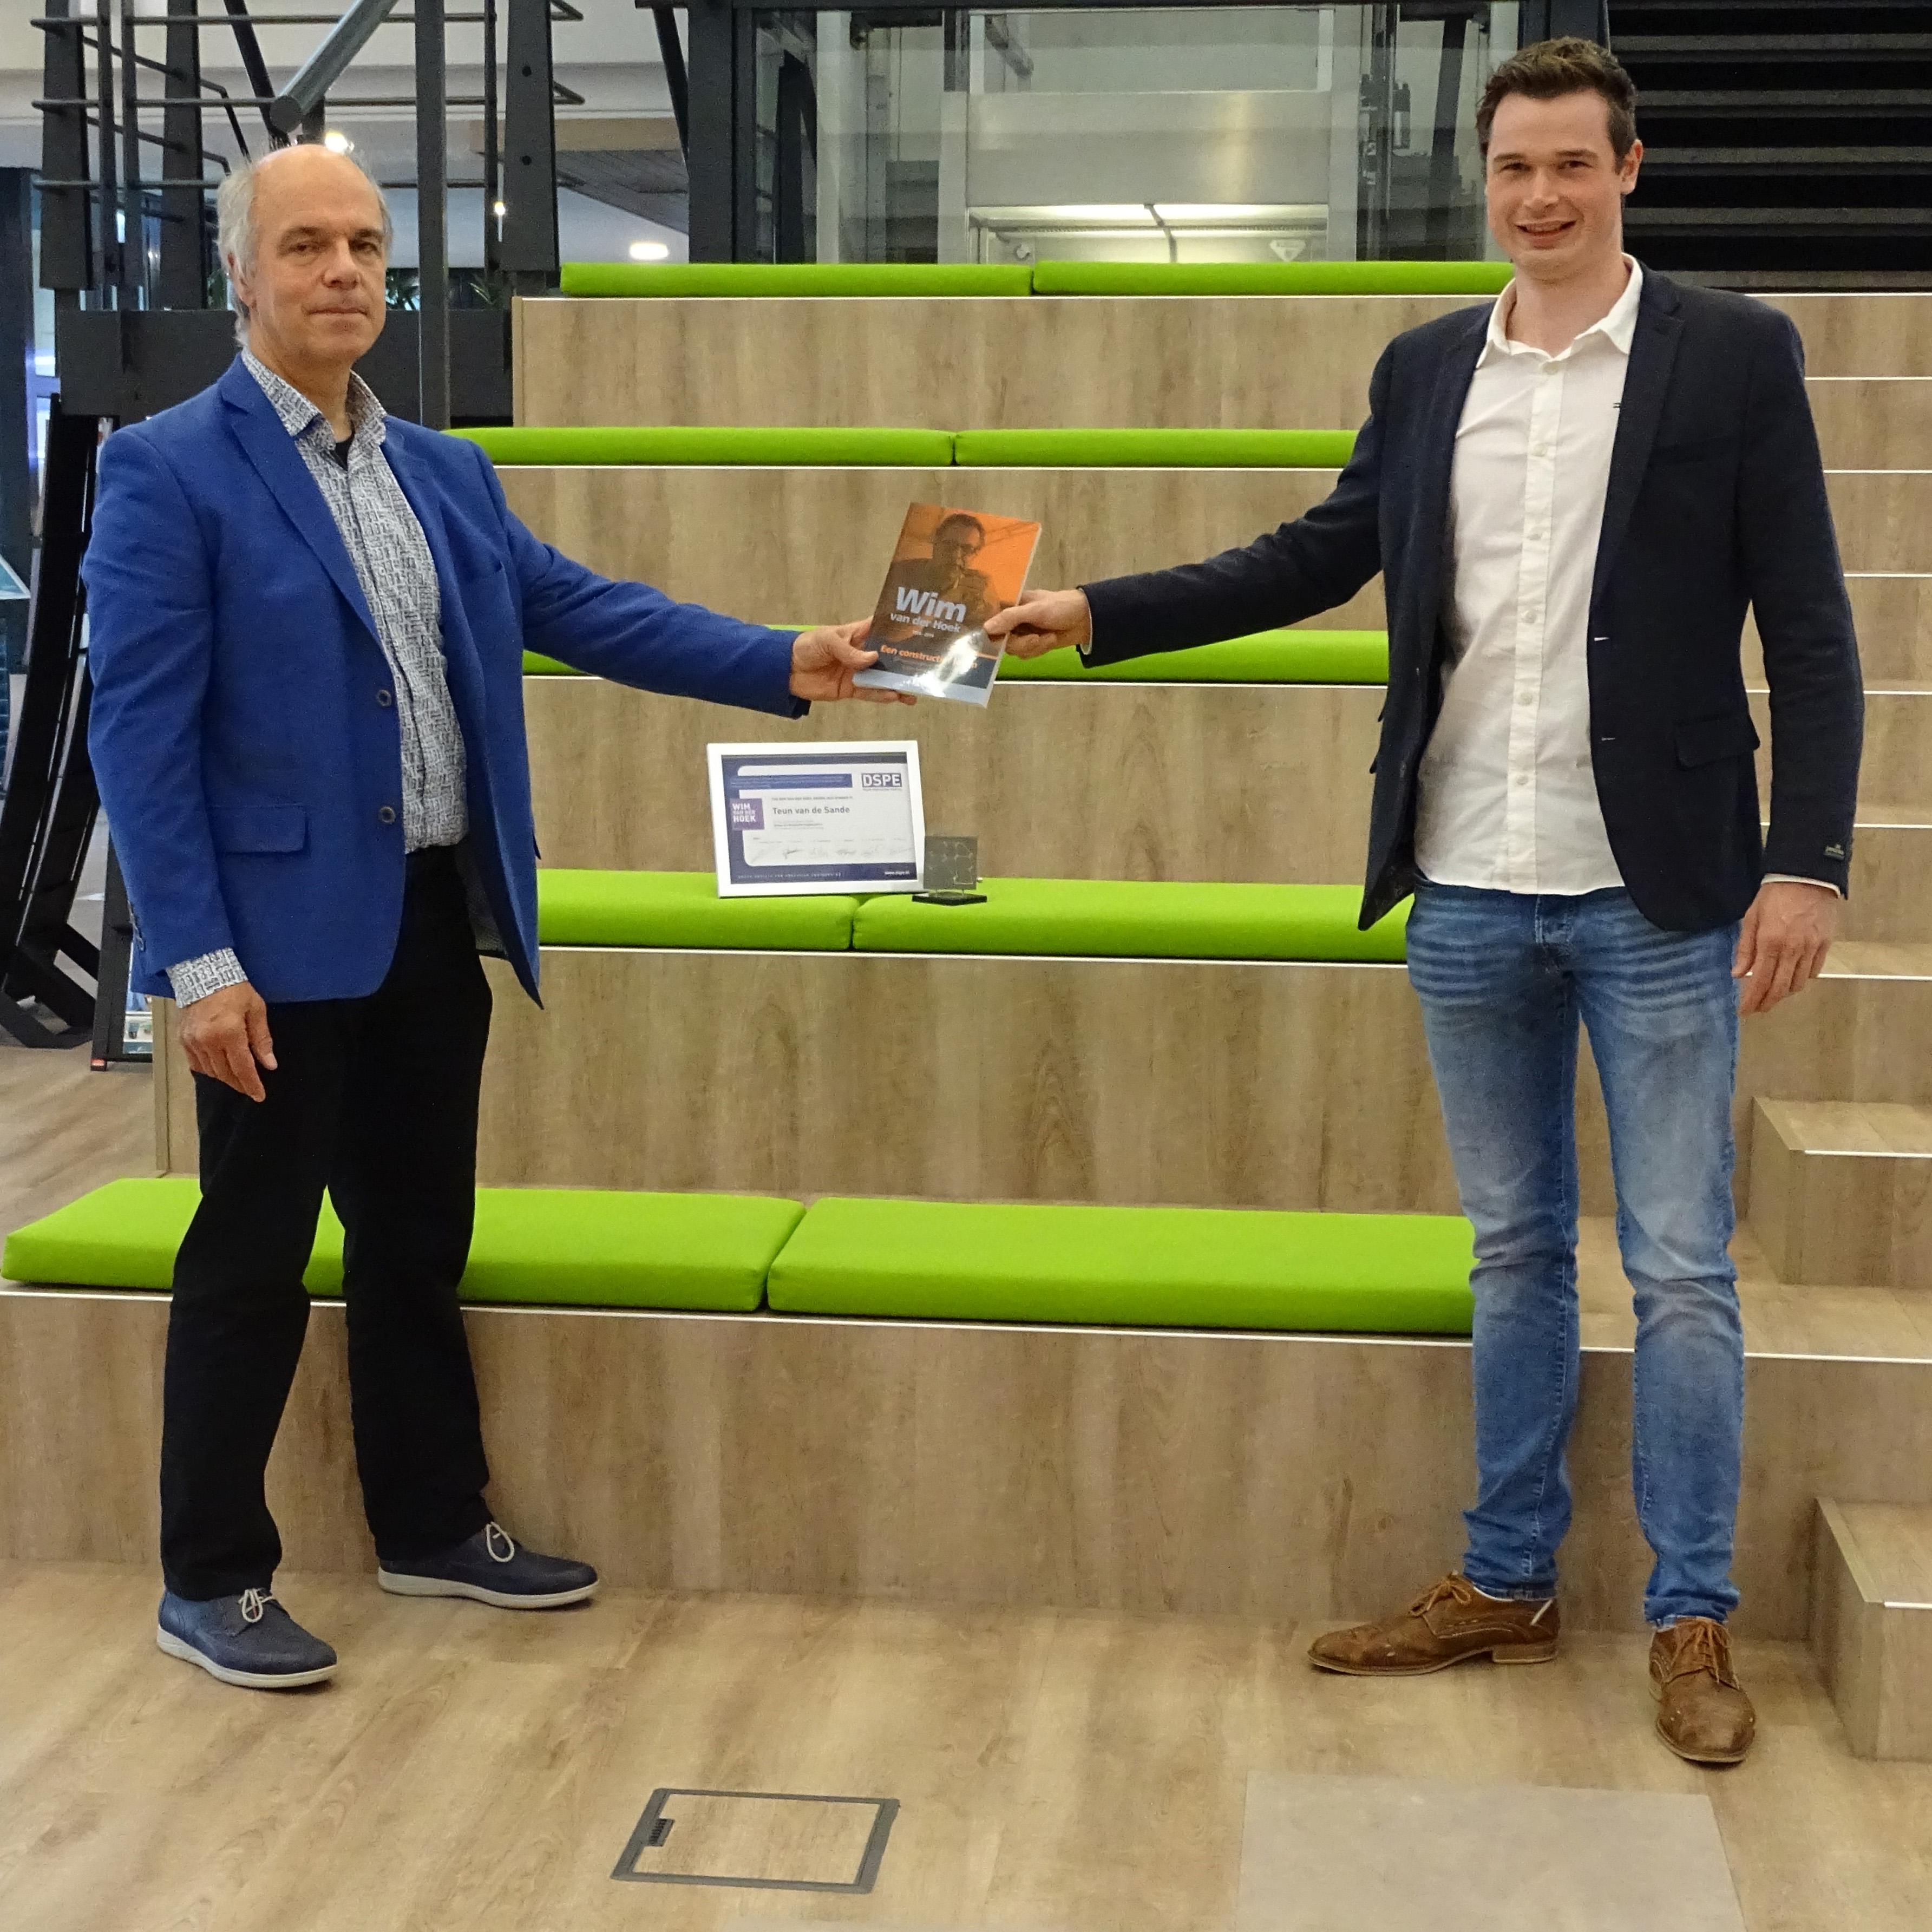 Teun van de Sande, winner of the Wim van der Hoek Award 2020